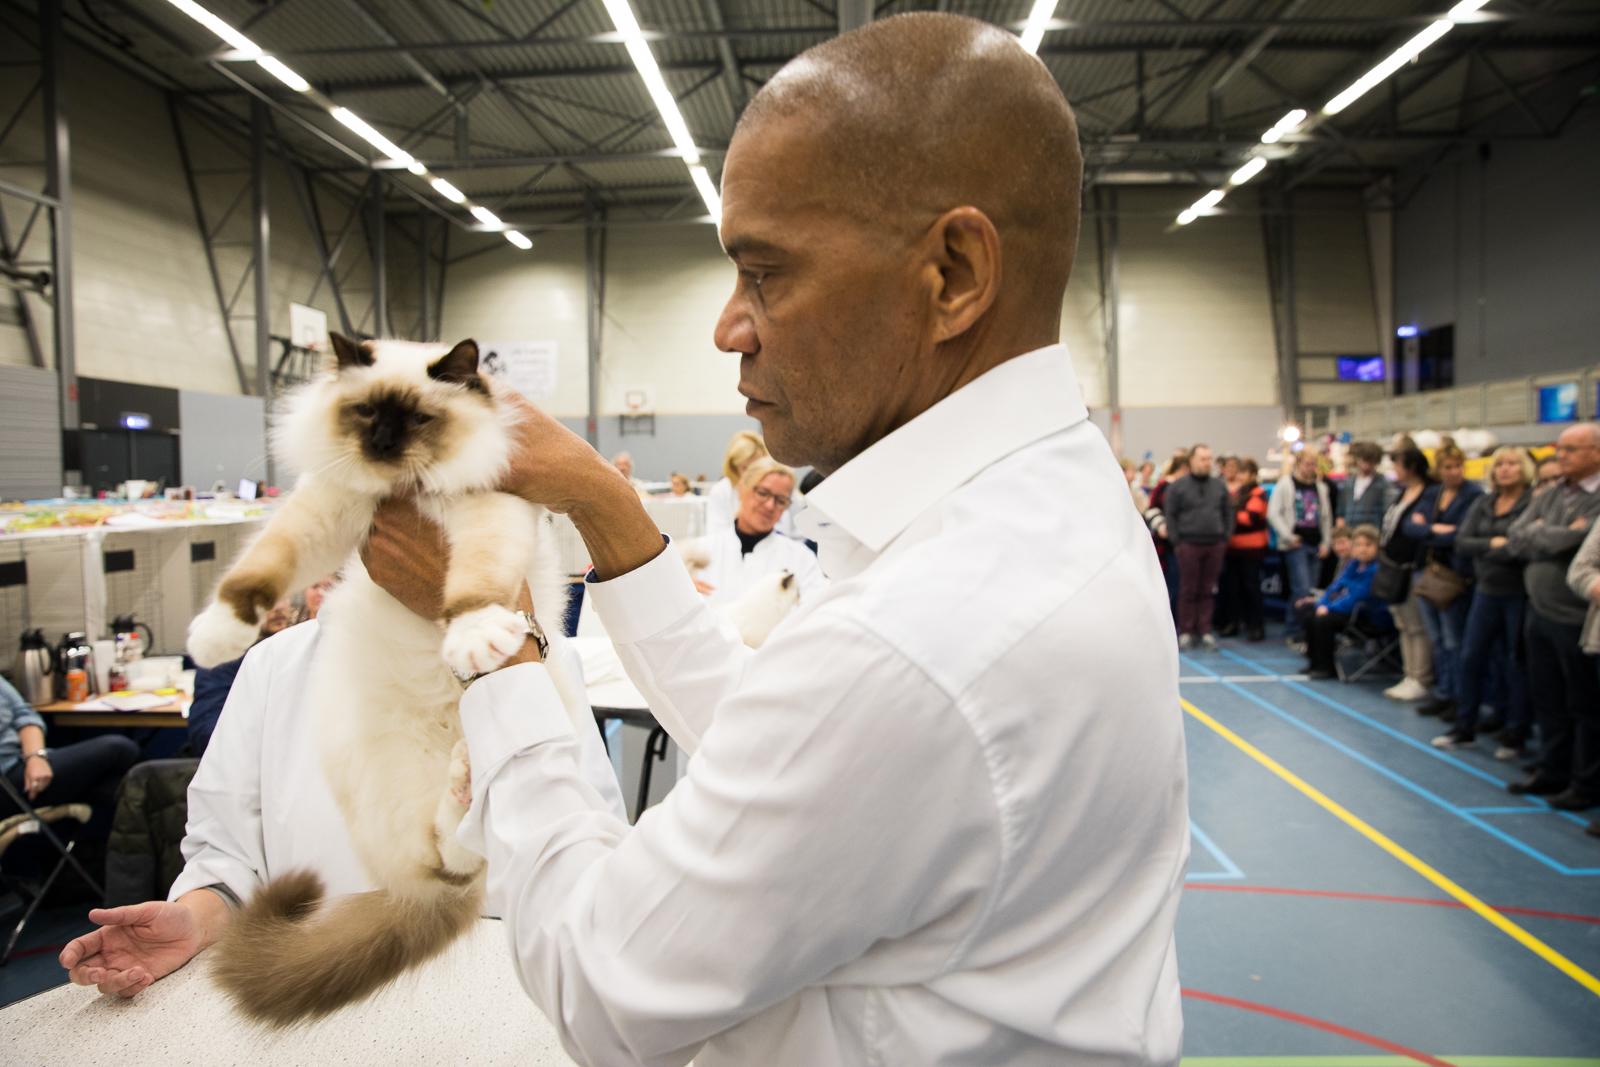 18-Kattenshow hilversum-8171.jpg